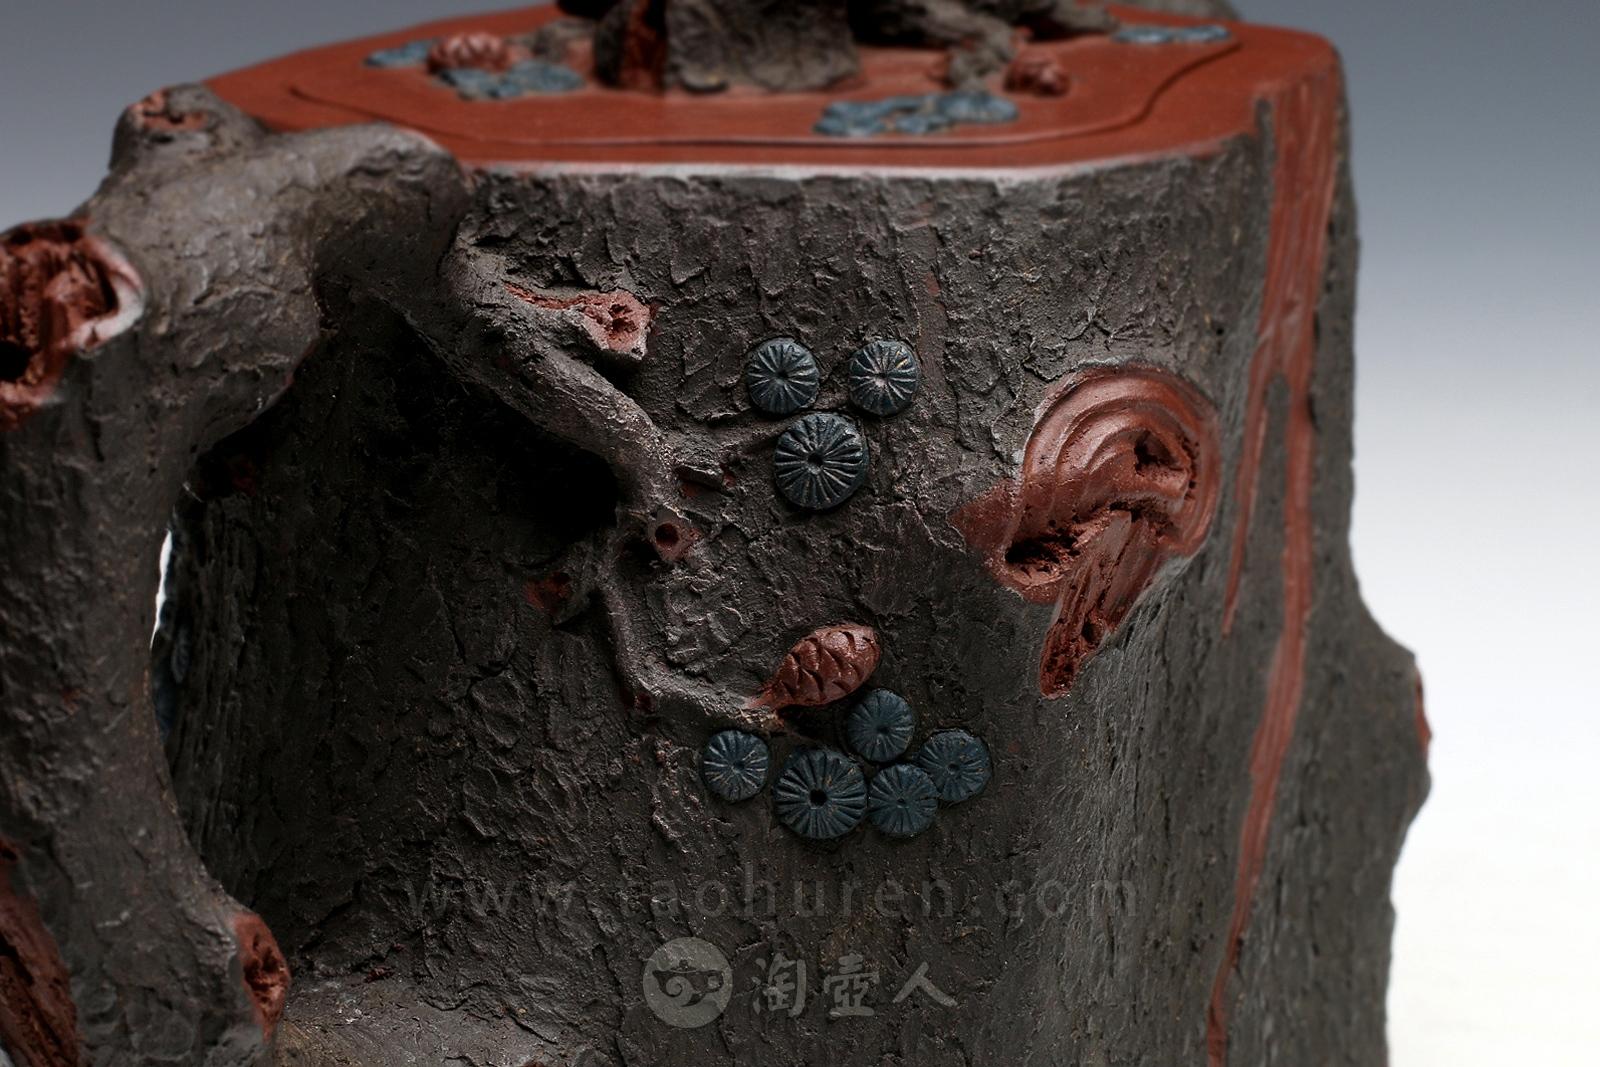 宜兴龙八娱乐网上娱乐名家陈国宏龙八娱乐网上娱乐-金钱松壶